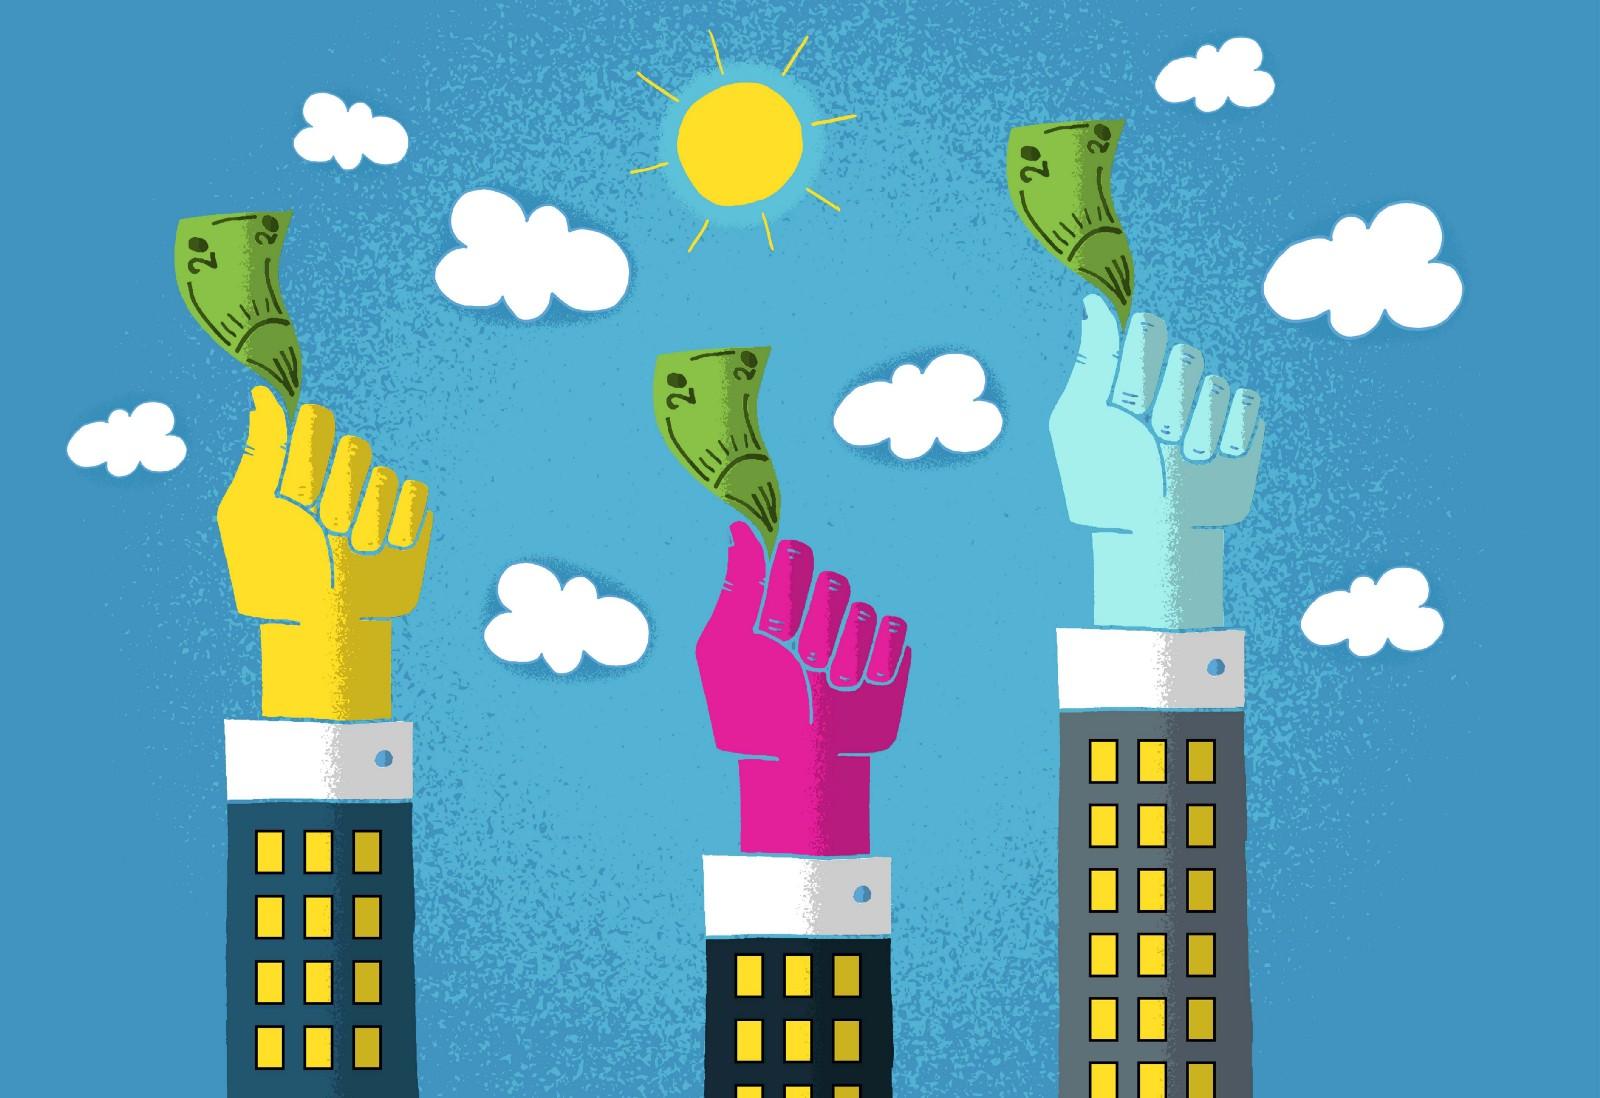 Авторы новой работы считают, что люди продолжат трудиться, даже если будут получать безусловный базовый доход.